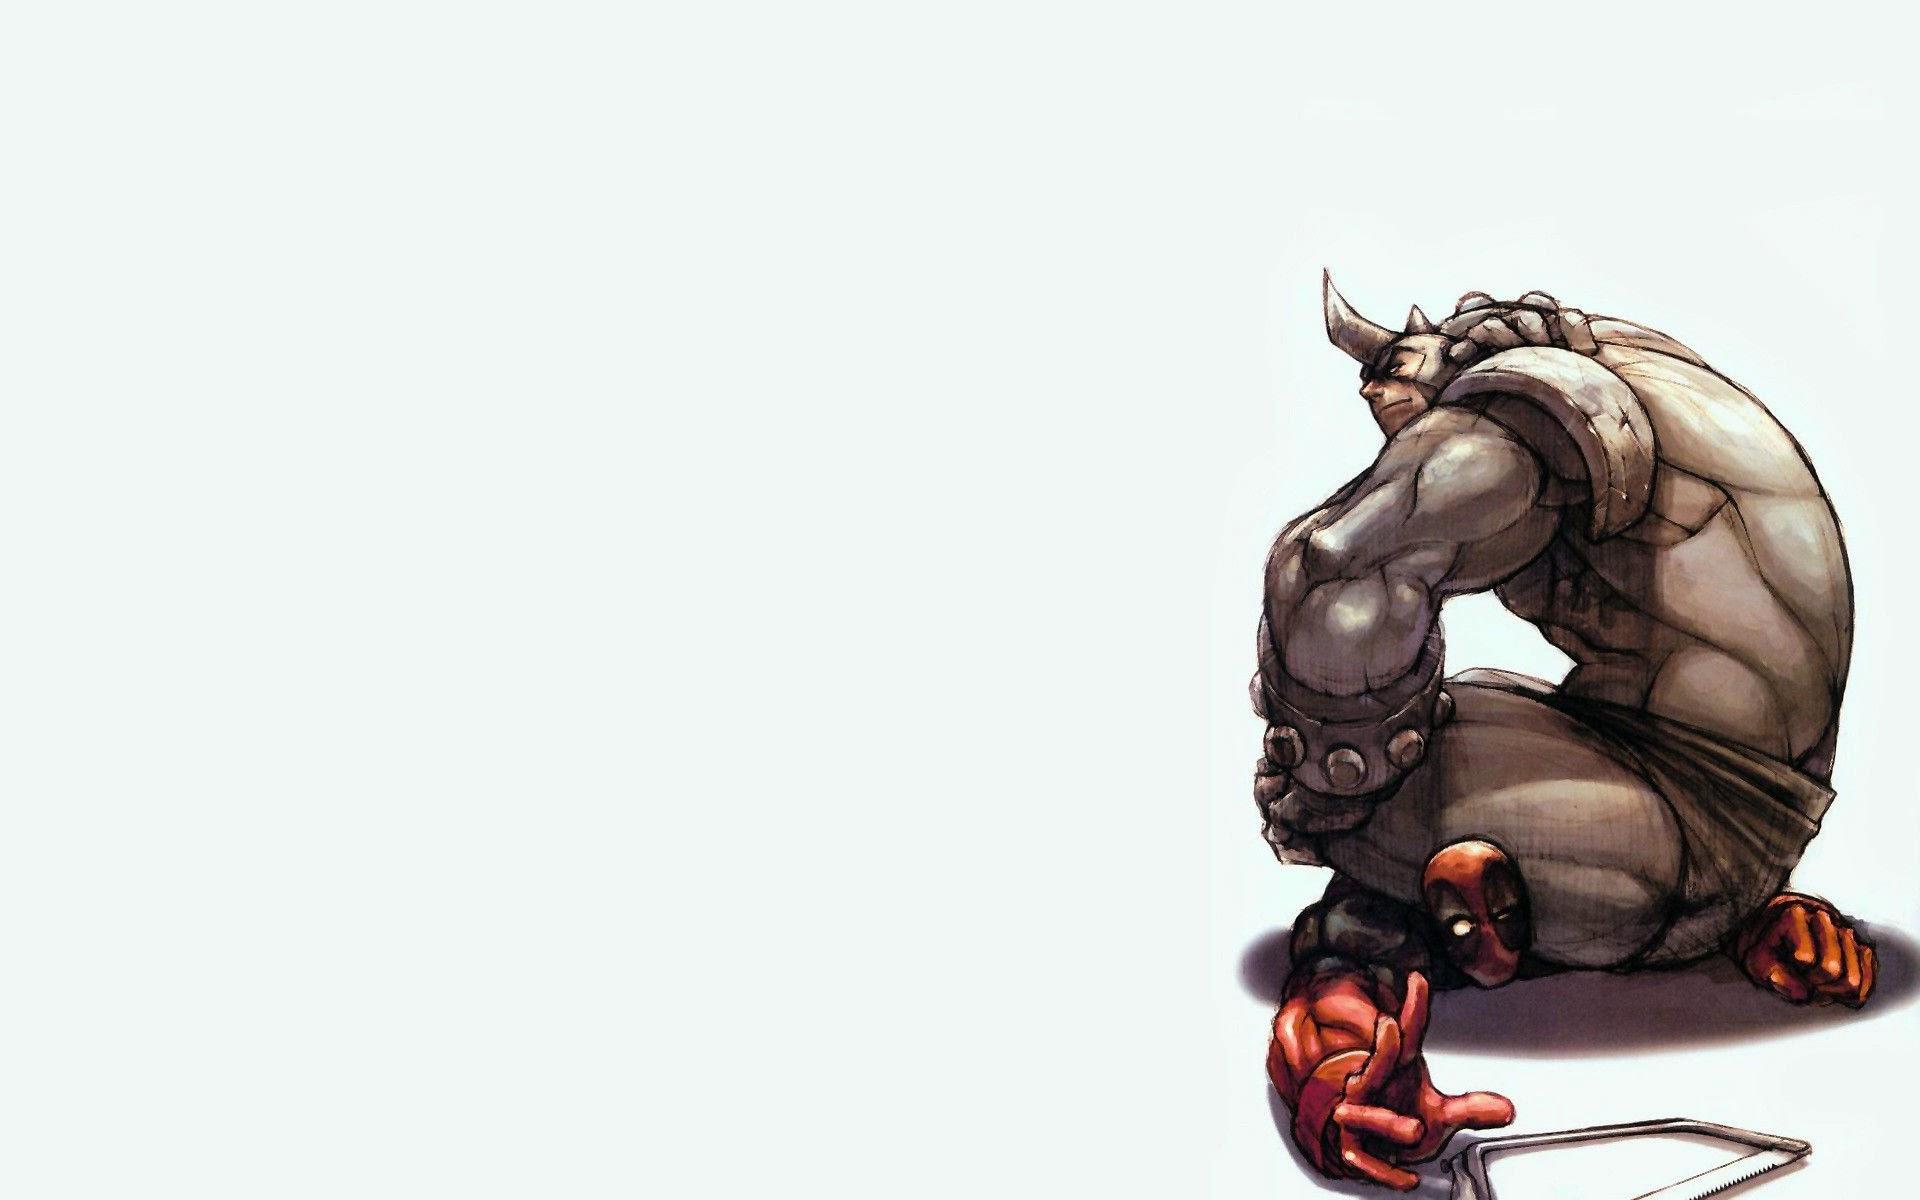 Deadpool Rhino Marvel Comics HD Wallpaper 19201200 widescreen a75 1920x1200